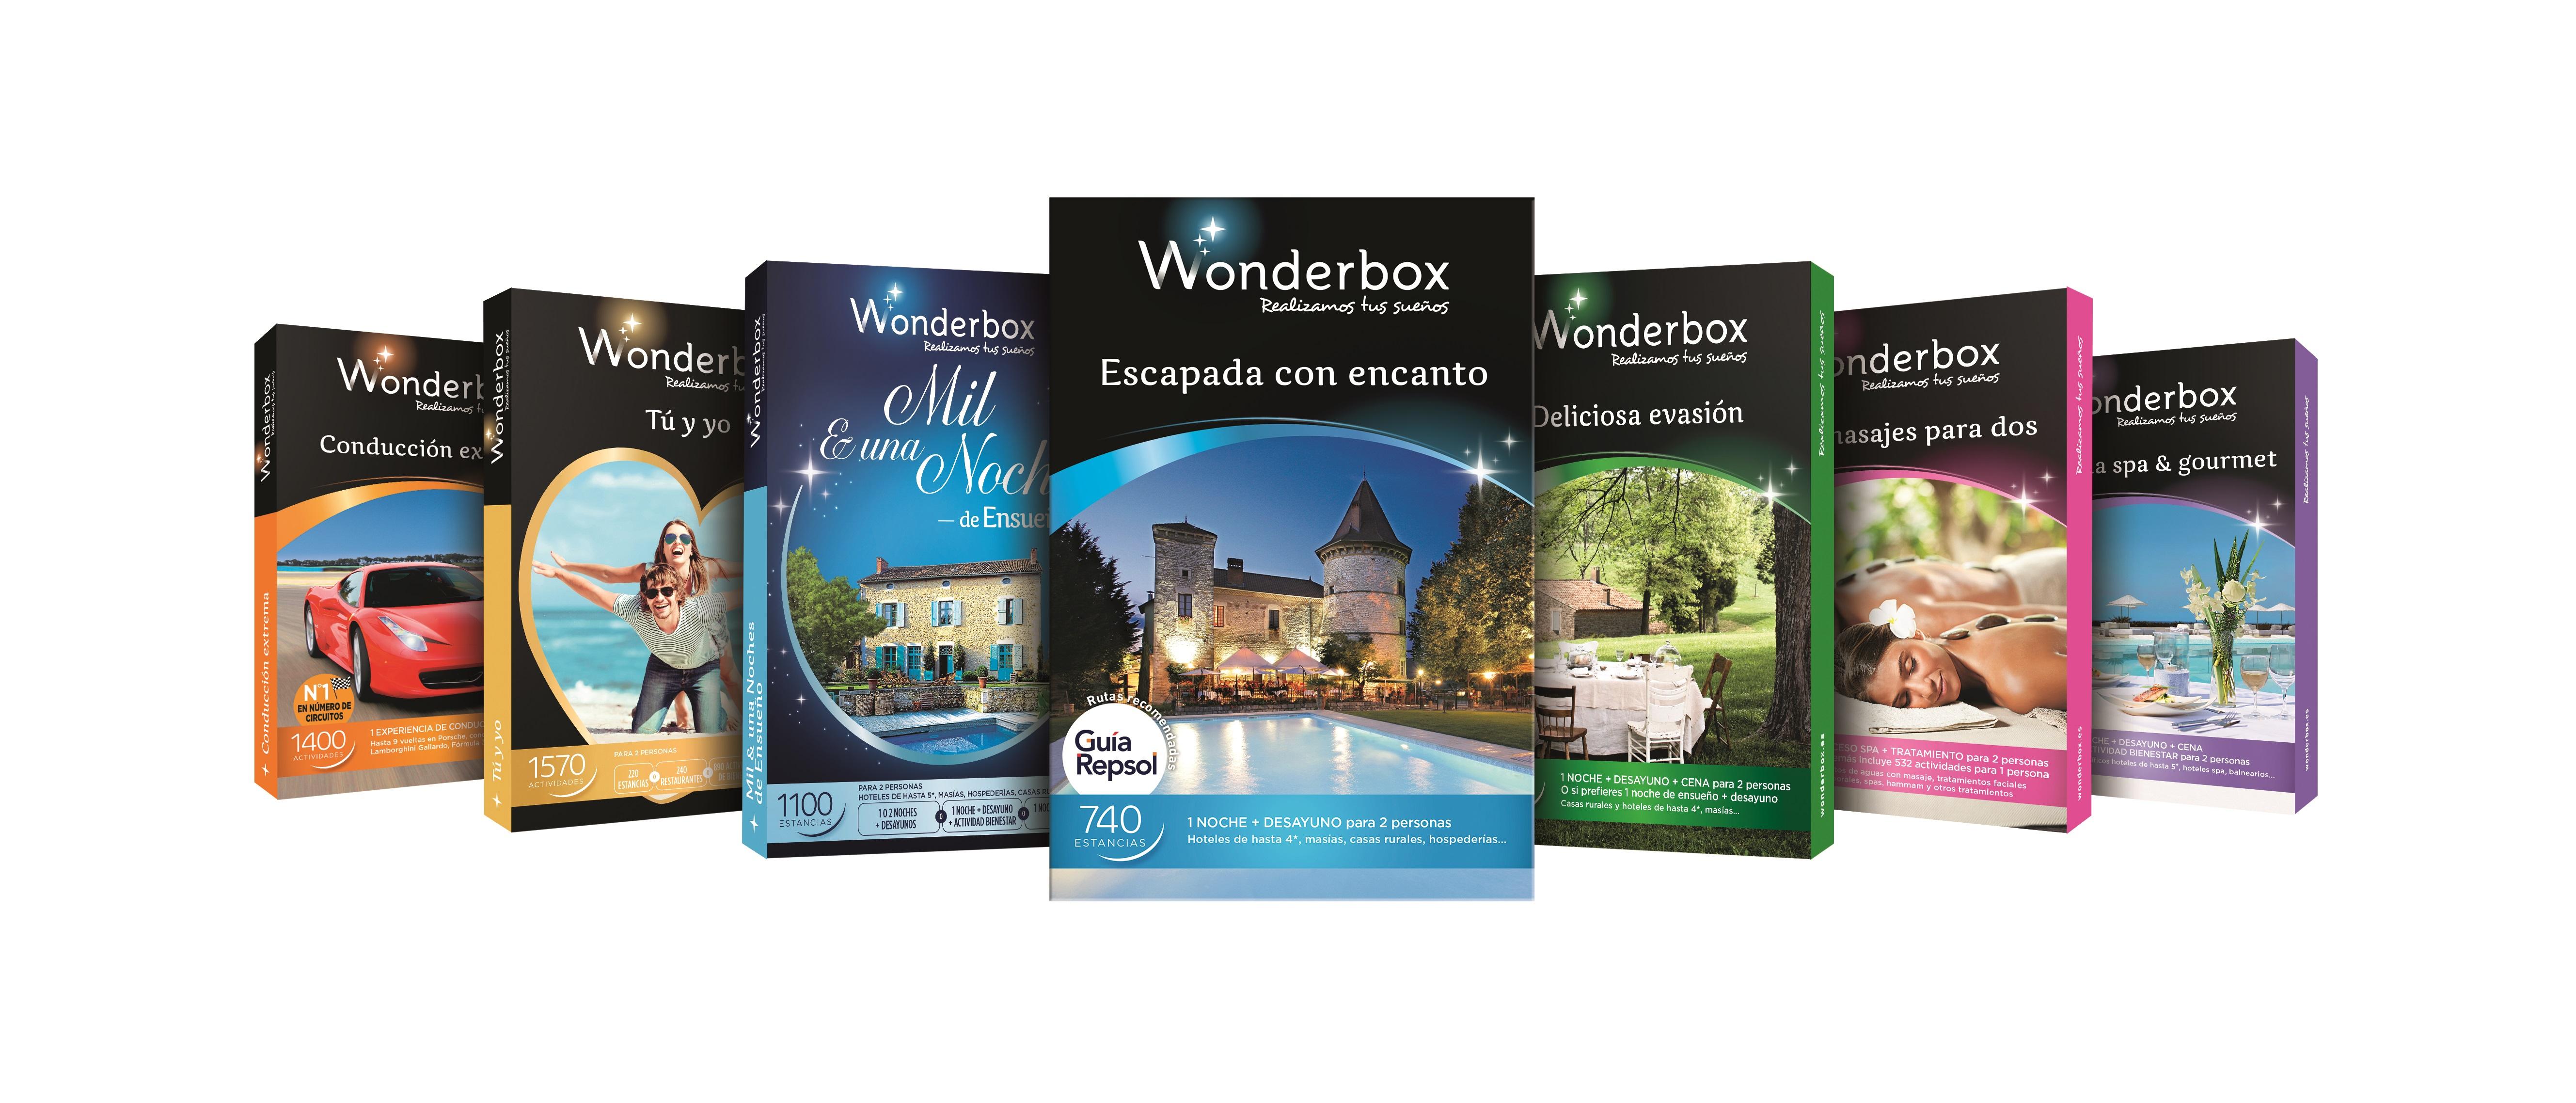 wonderbox-escapadas